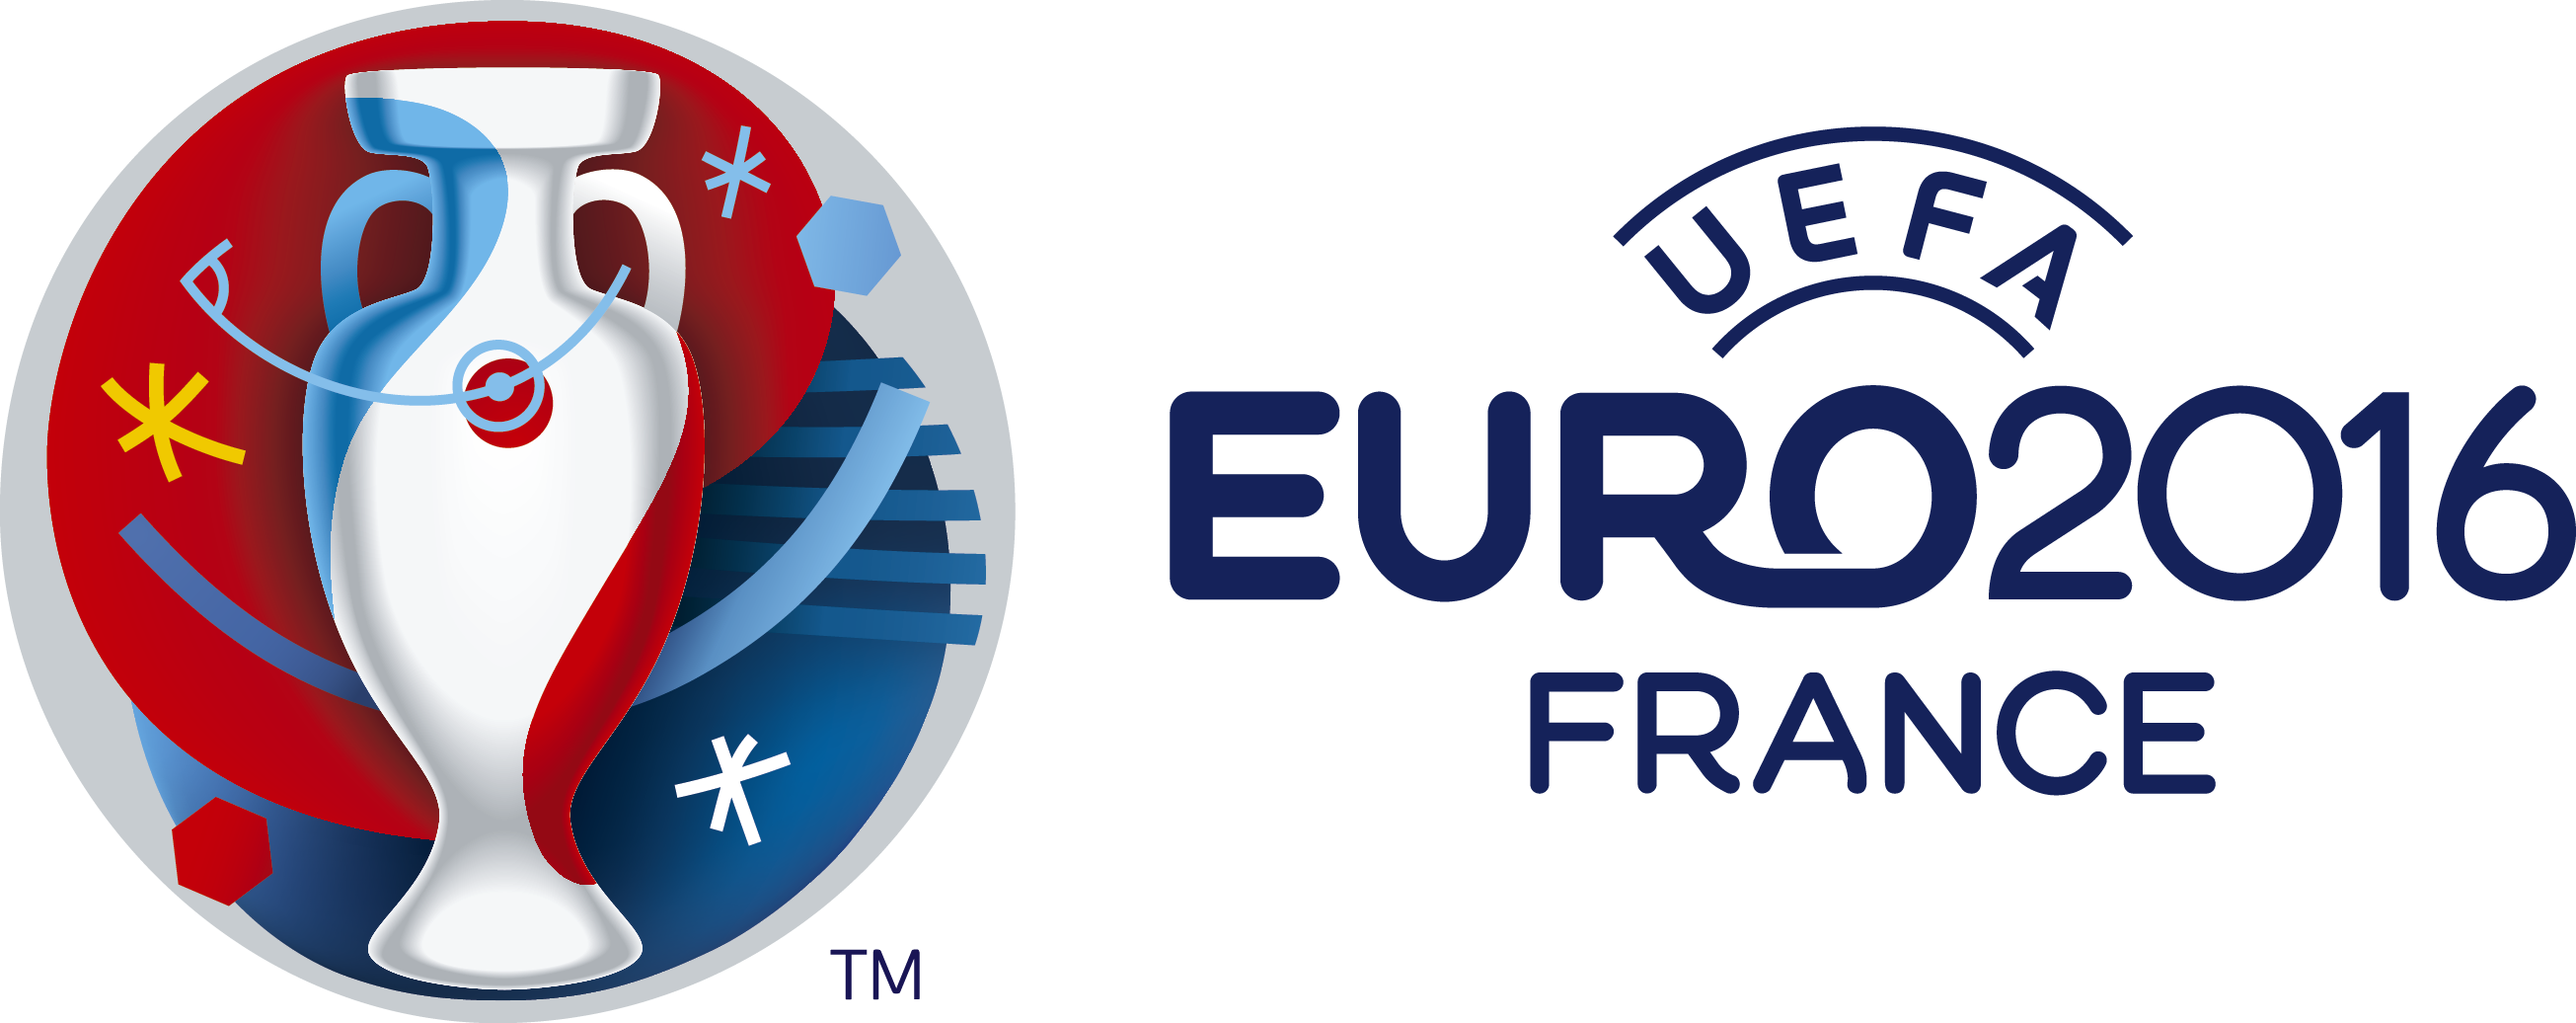 EM 2020 Tickets Vorverkauf: Diese Deadlines sind zu beachten